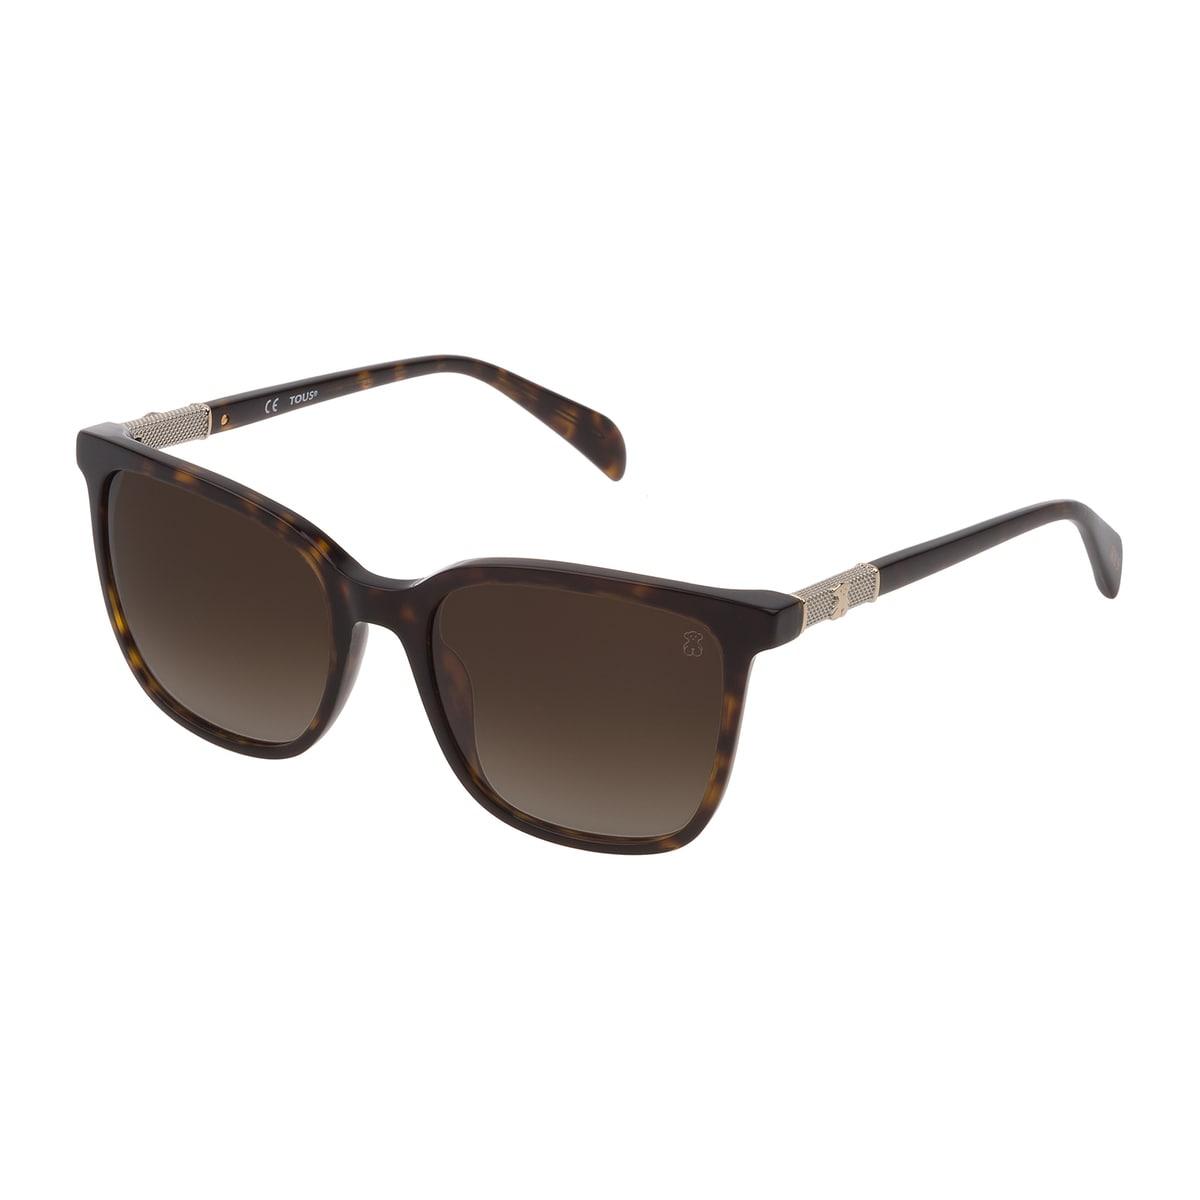 Gafas de sol Mesh de acetato en color marrón